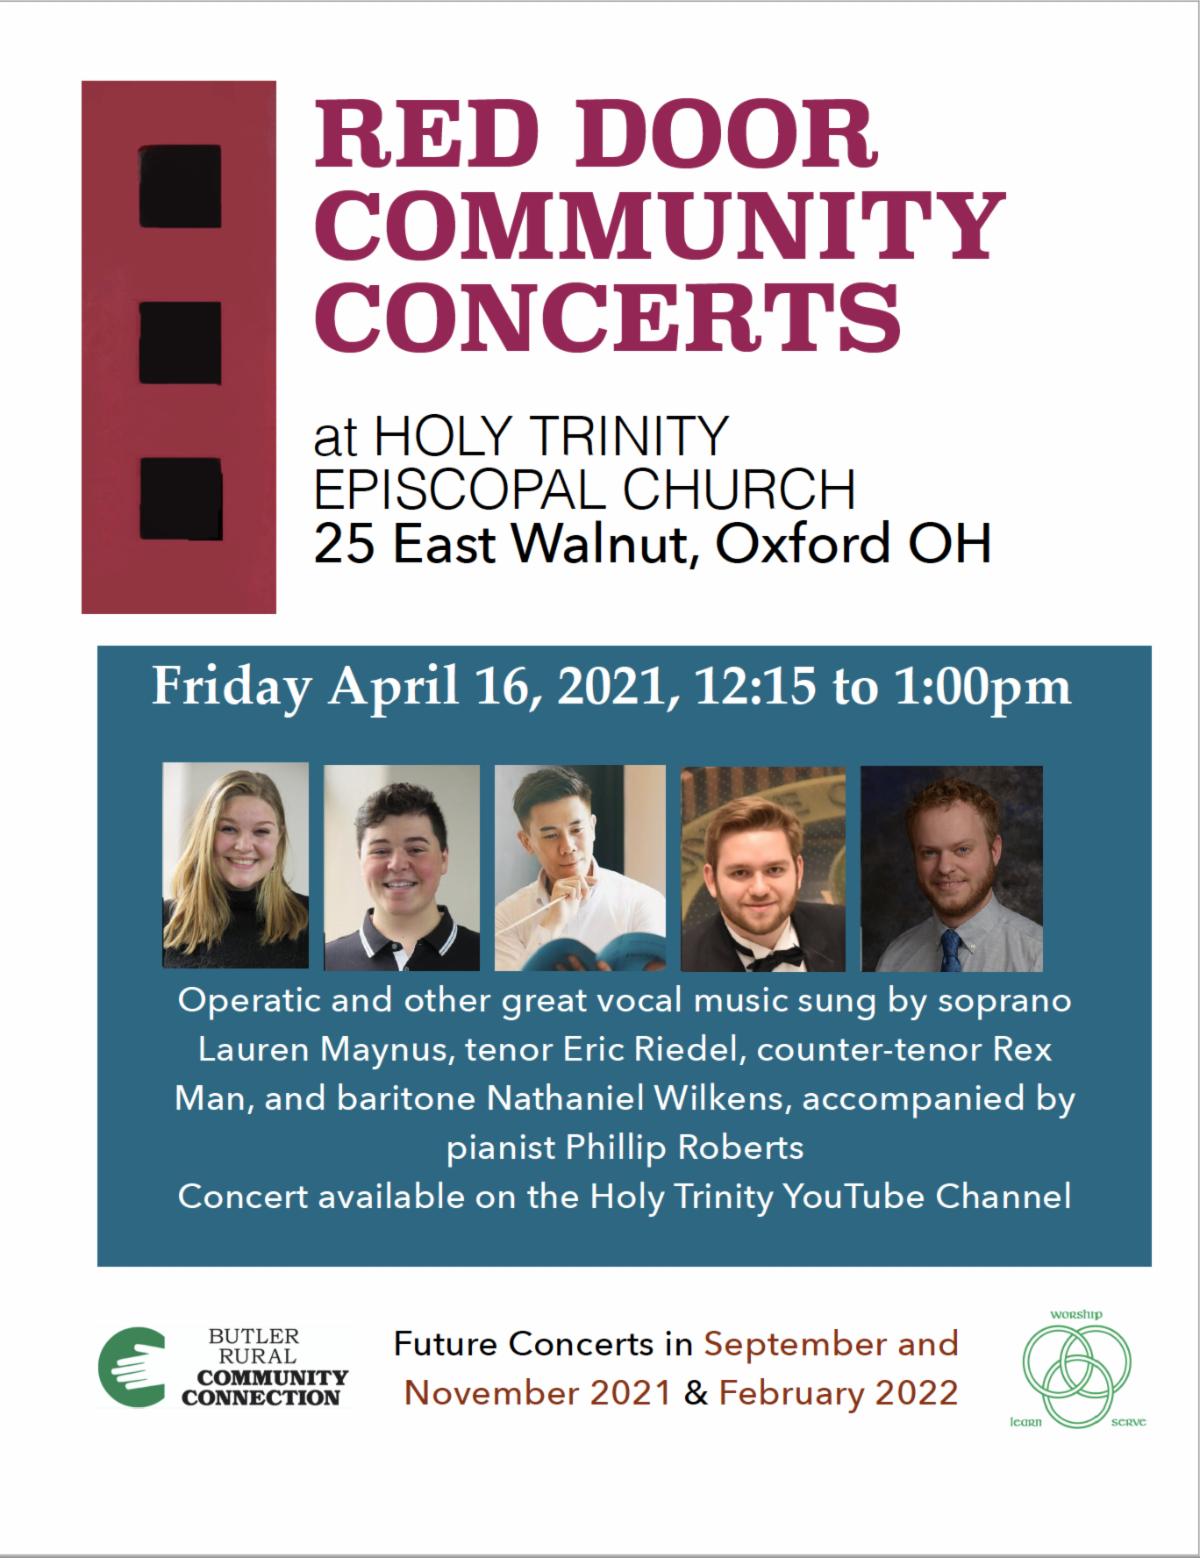 Red Door Community Concert flyer